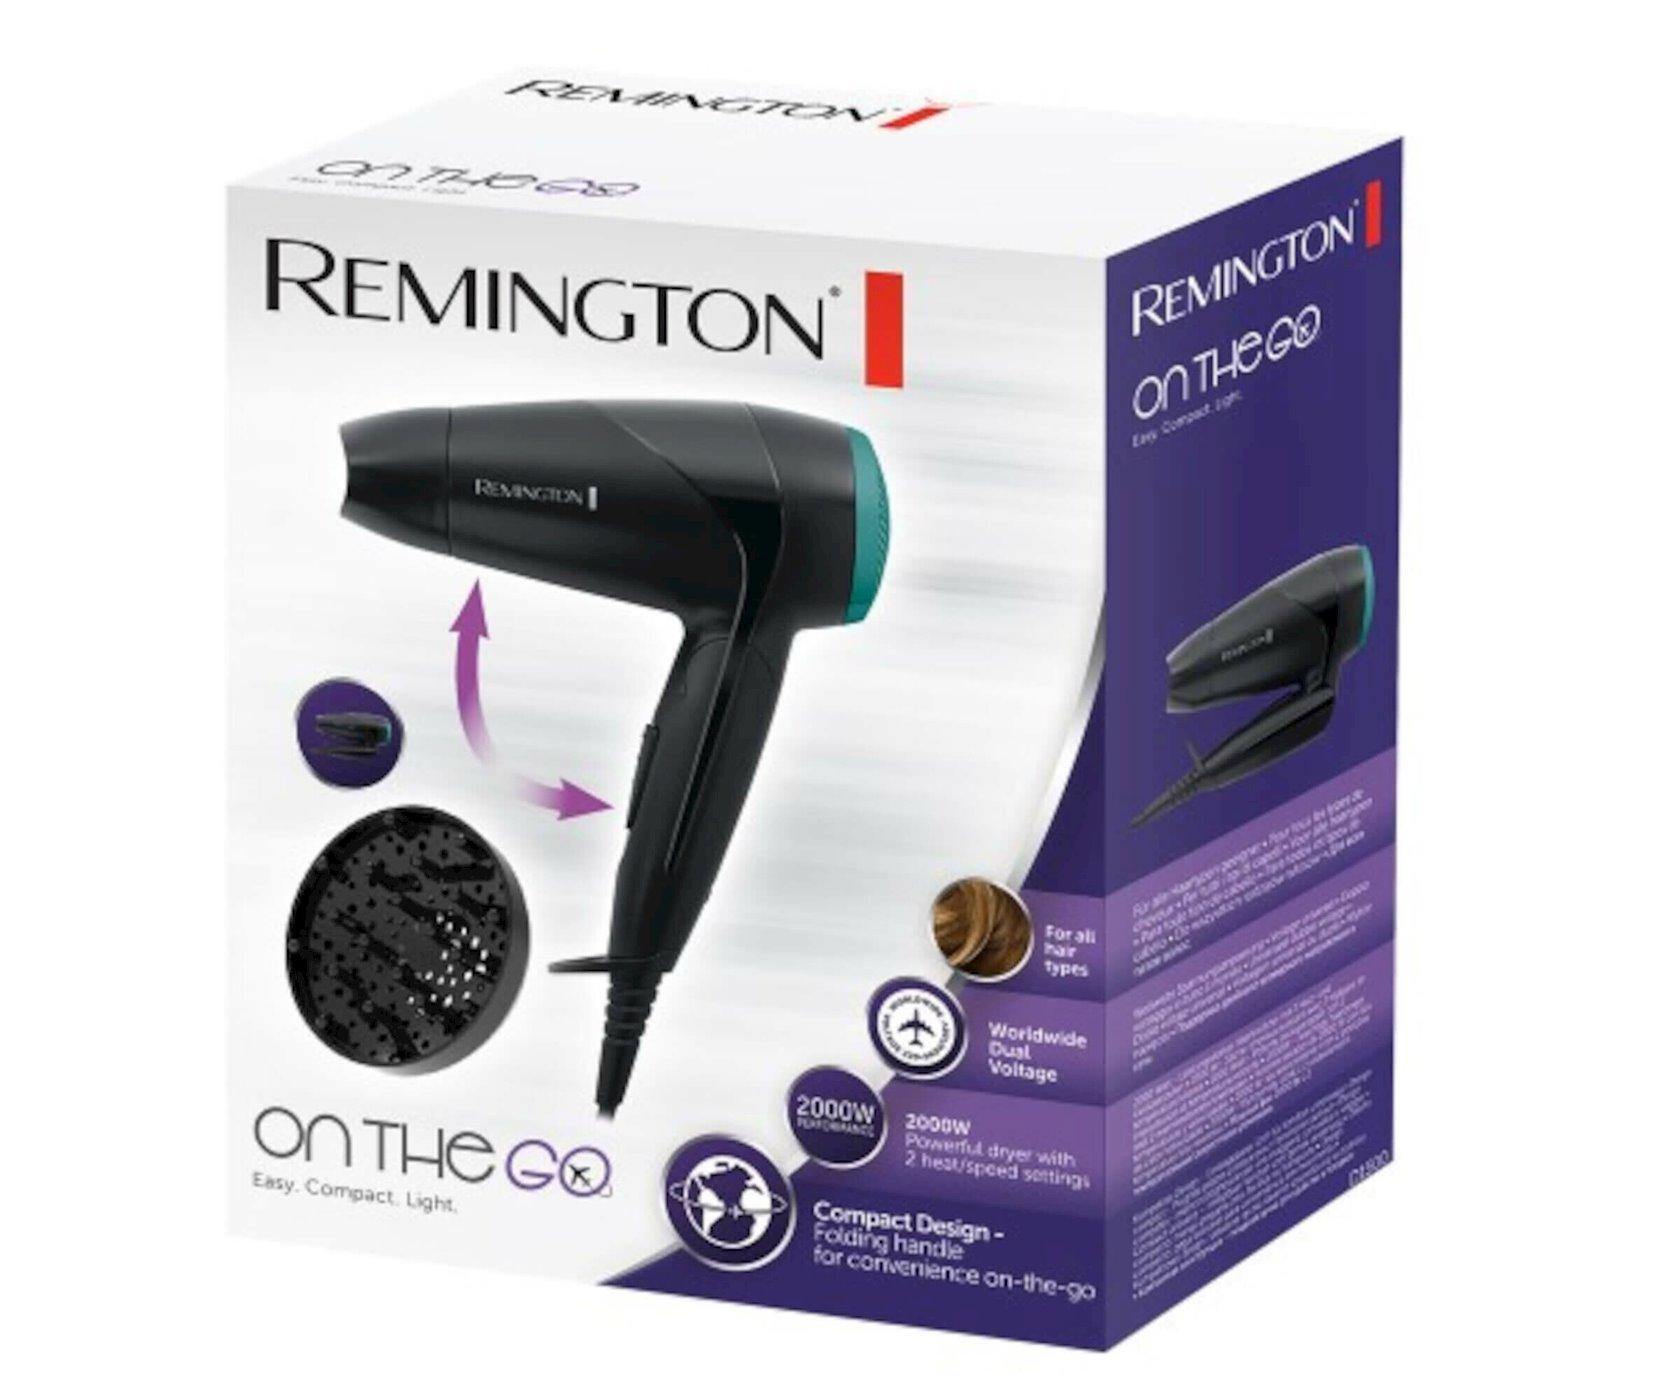 Fen Remington D1500 Travel Dryer Compact 2000 Black